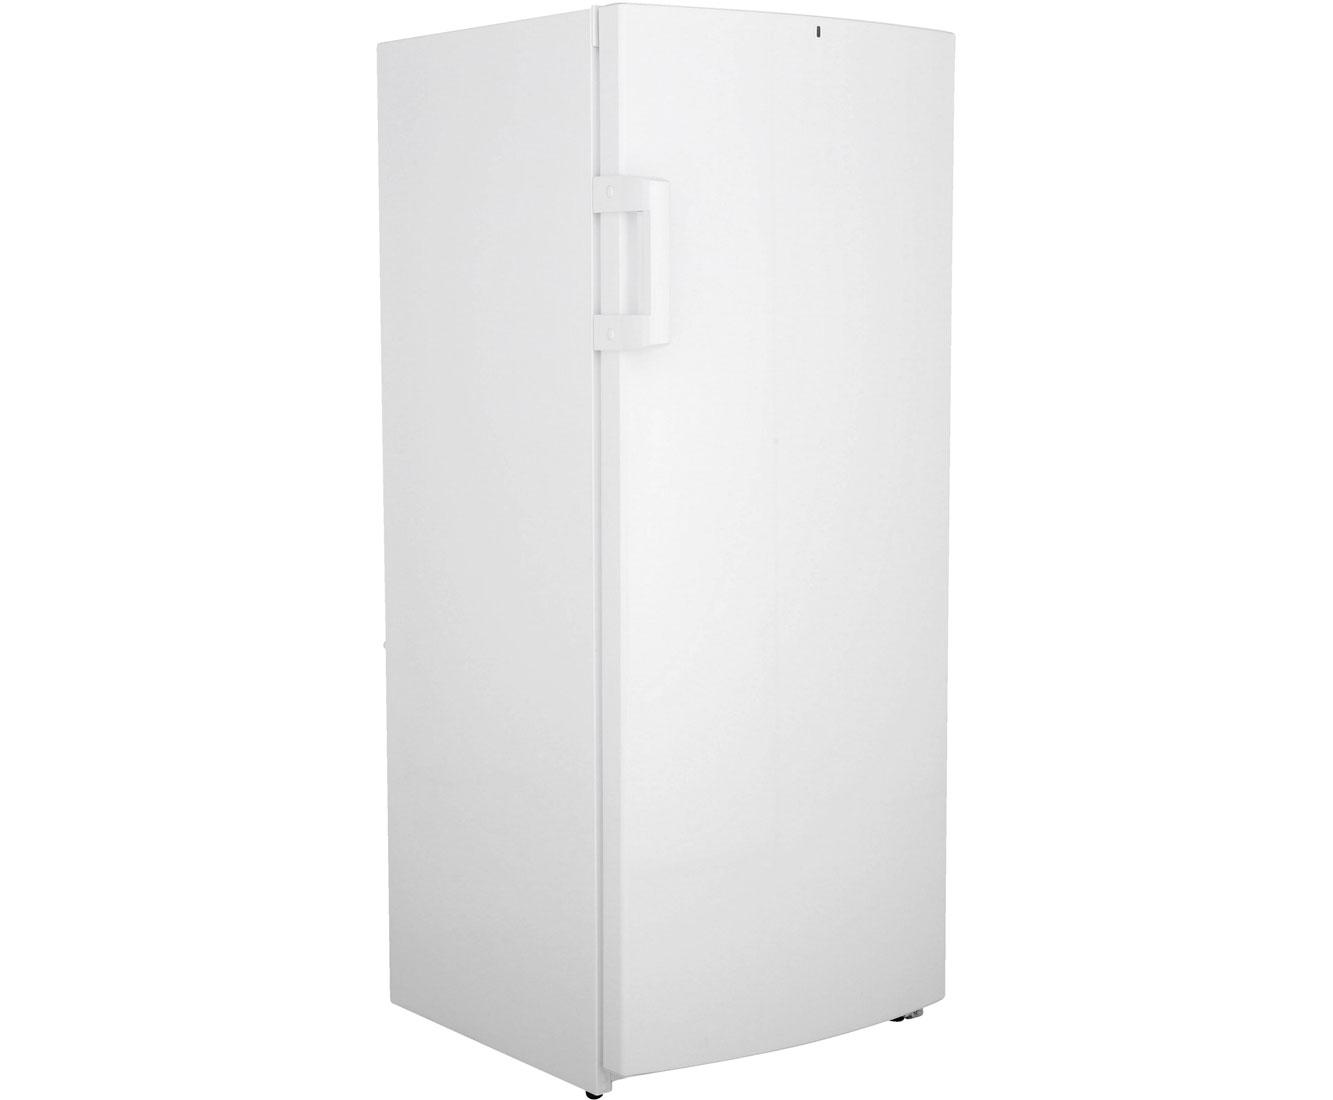 Gorenje Gefrier Und Kühlschrank : Kühlschrank freistehend geringe tiefe gorenje f aw